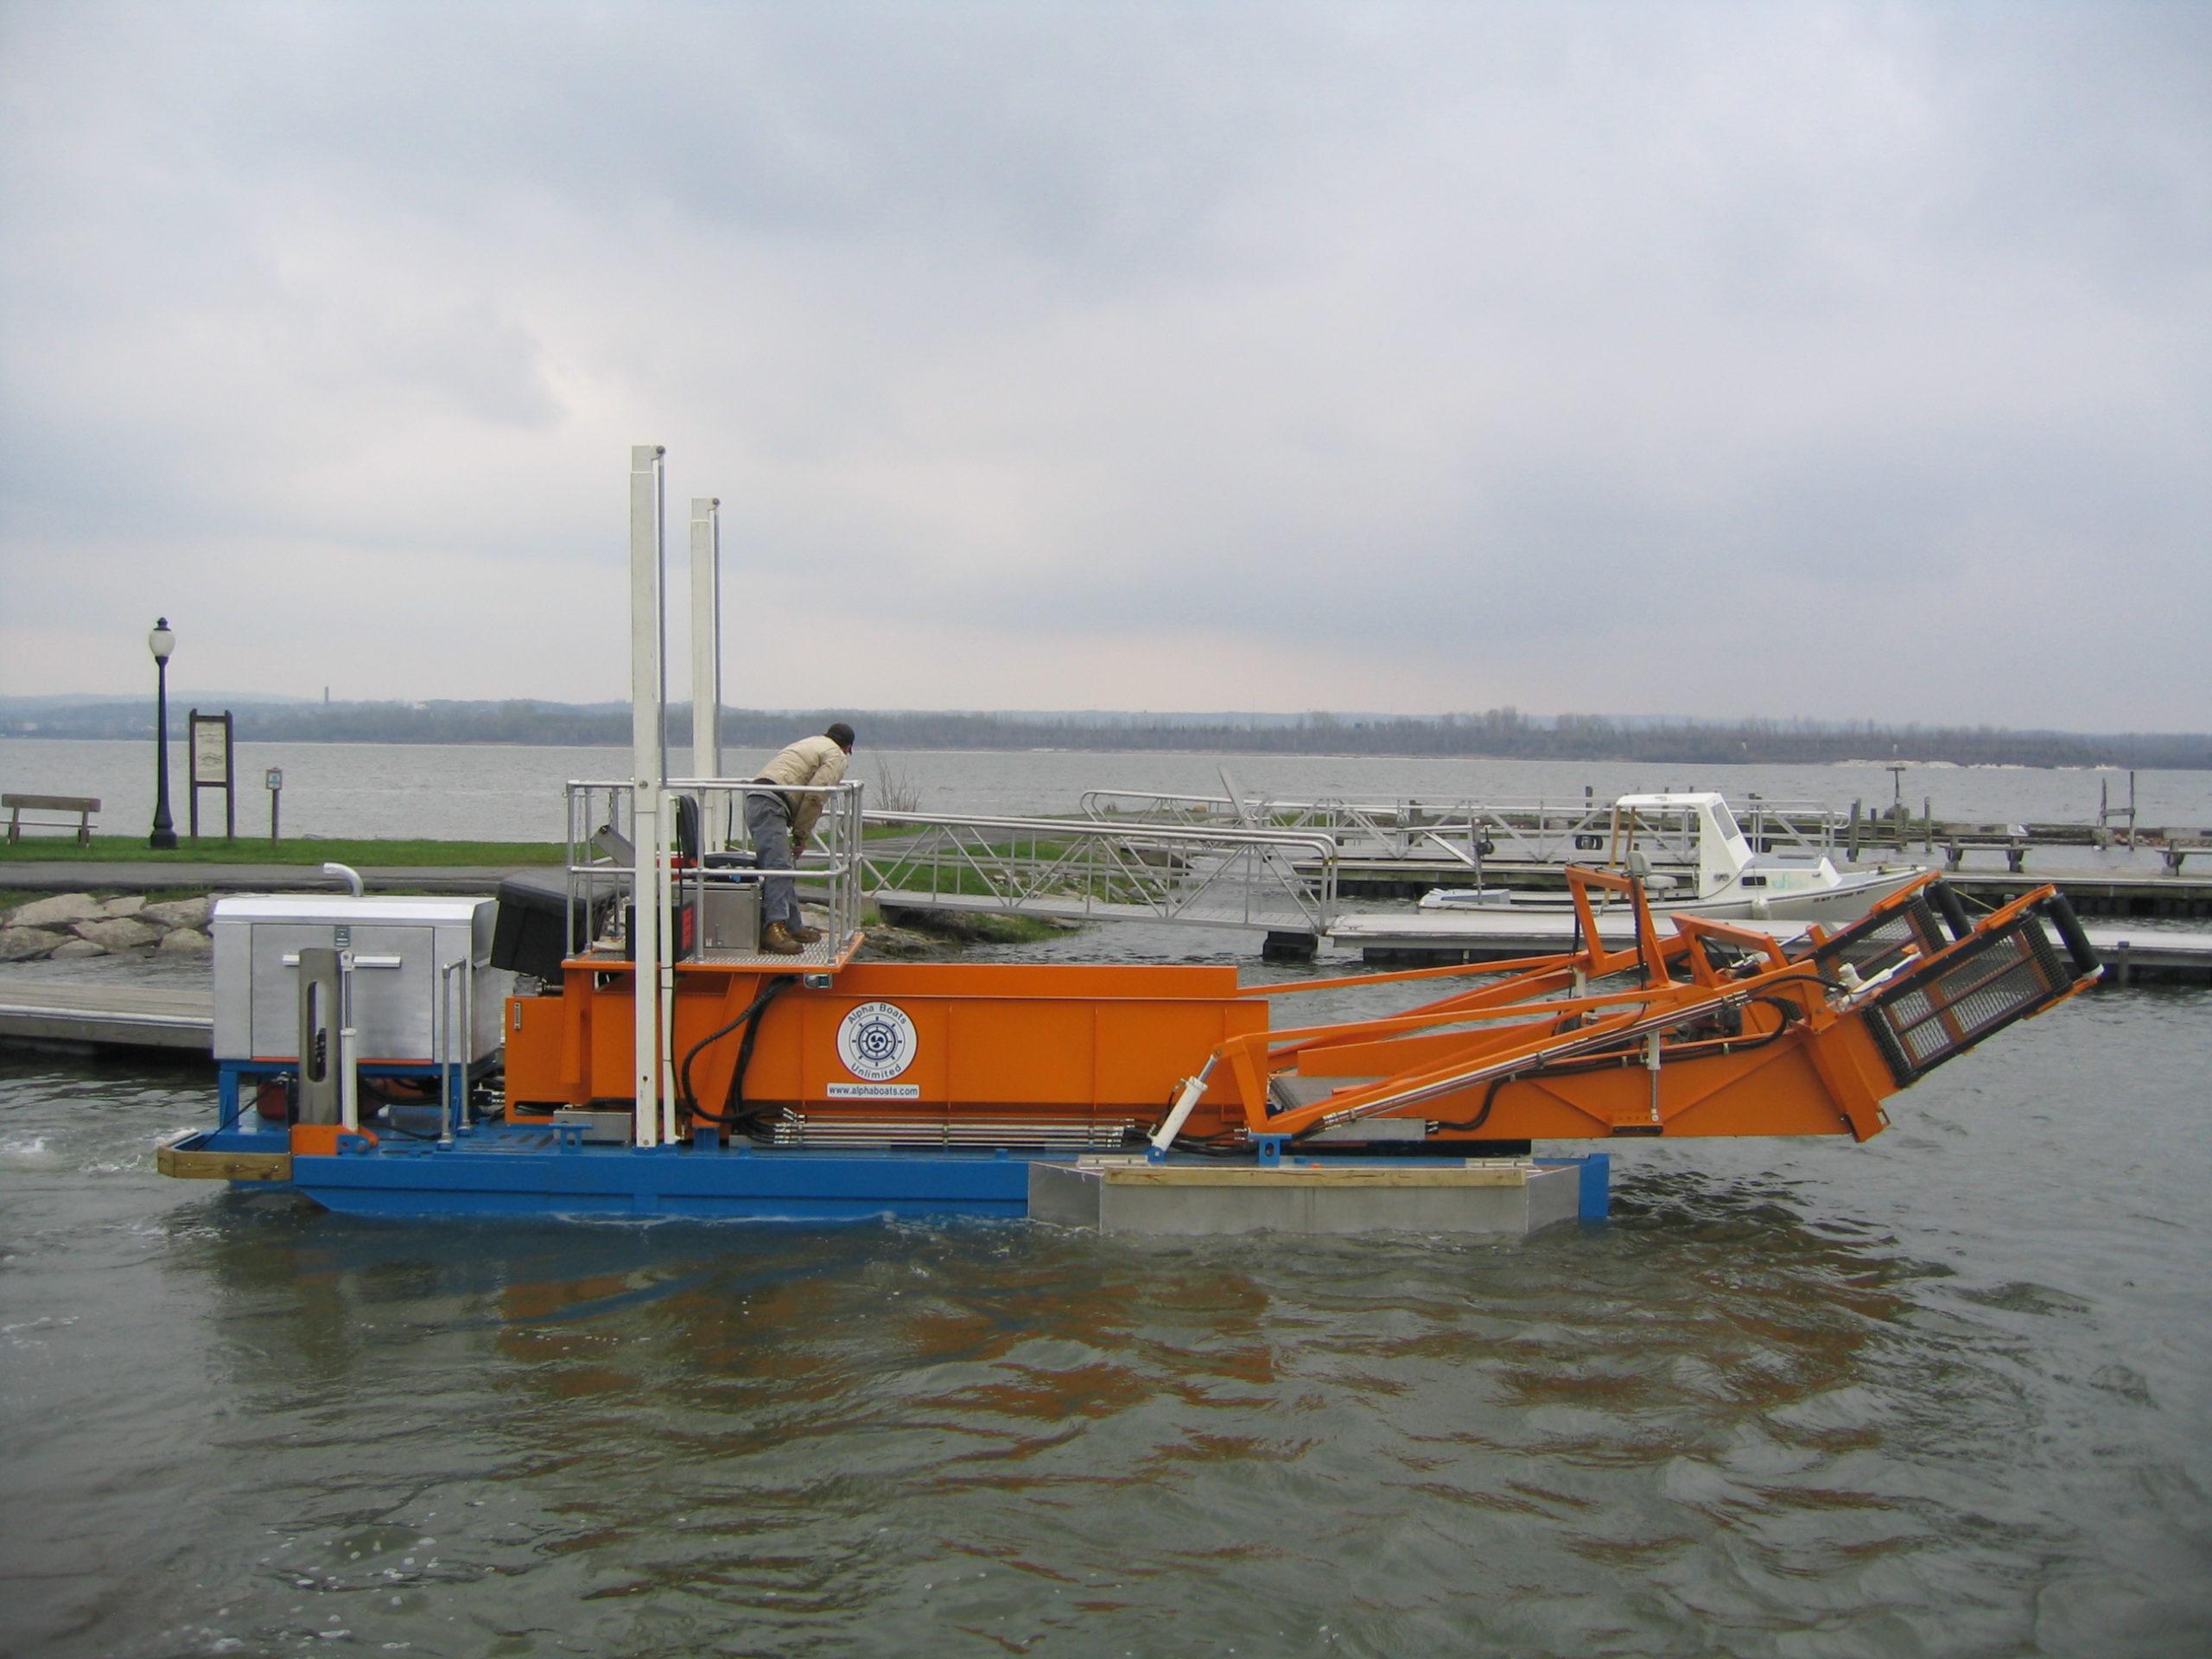 MC 202 in the marina